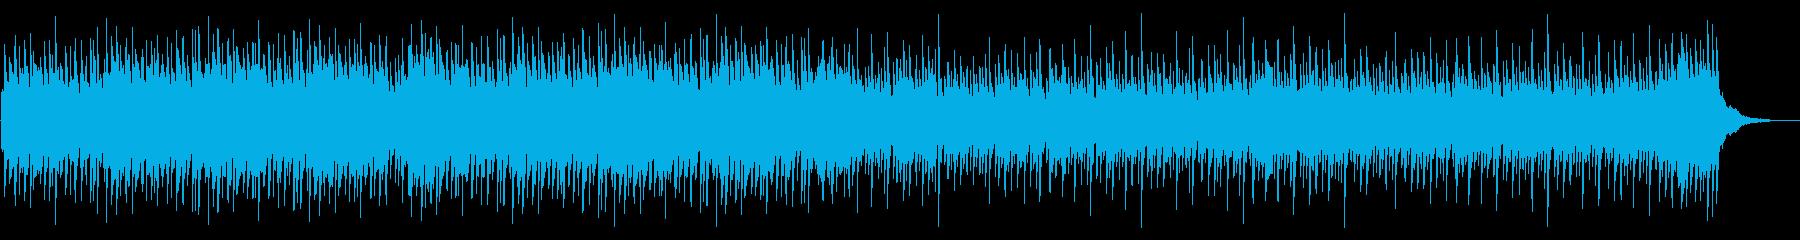 企業VP系ピアノ会社紹介学校紹介2分の再生済みの波形